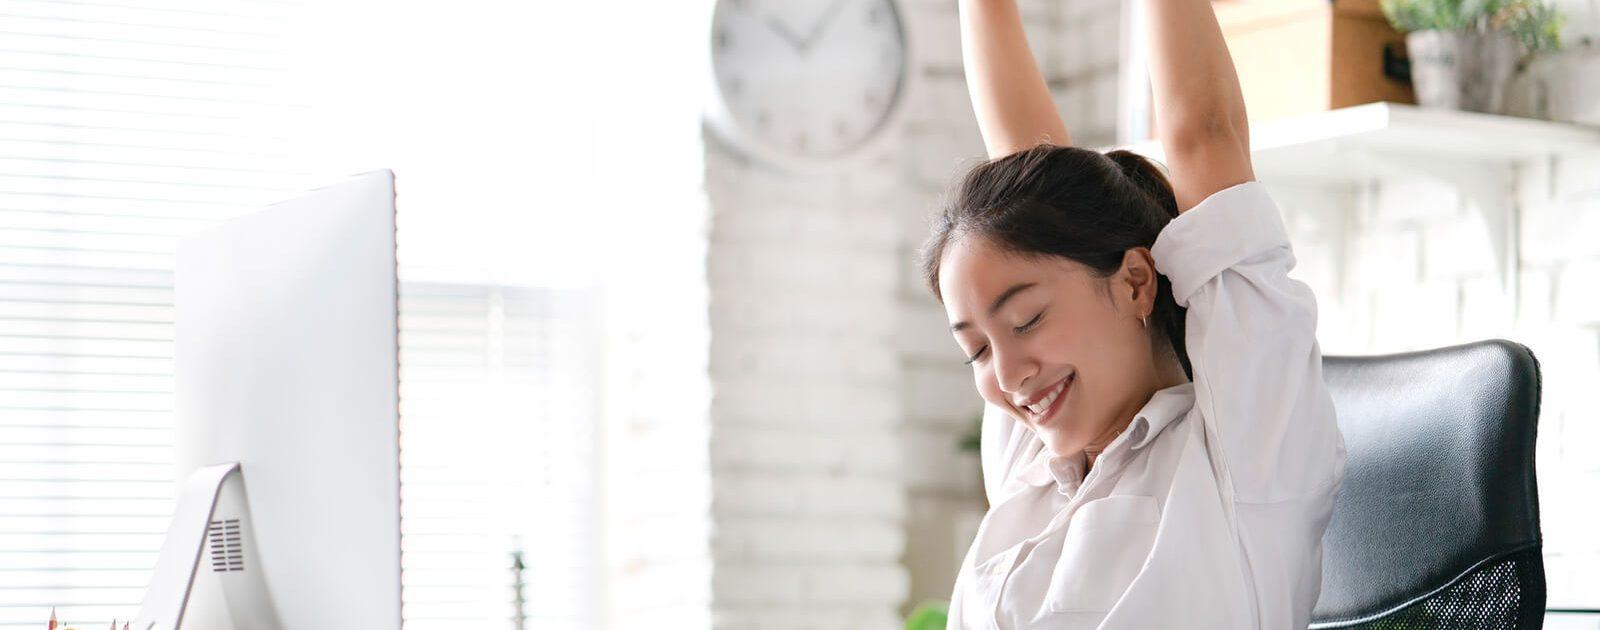 Alltagstipps für die Augen: Frau entspannt ihre Augen